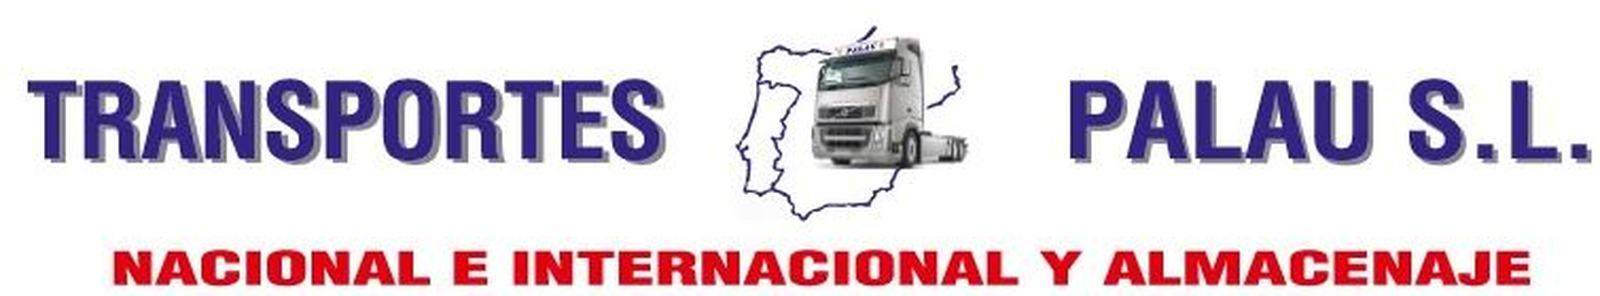 TRANSPORTES PALAU S.L